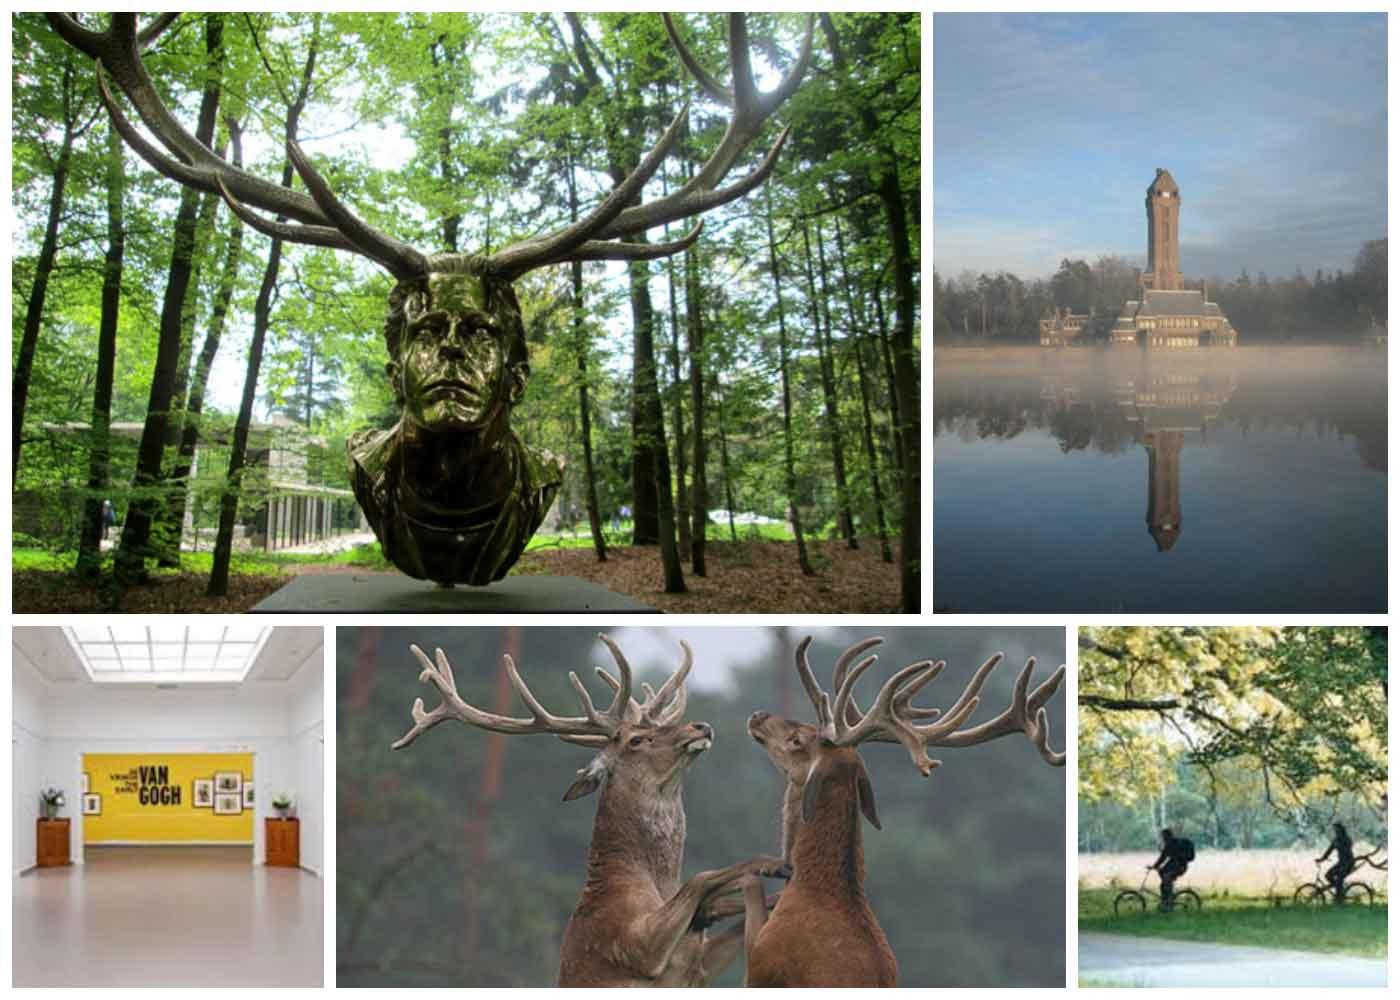 Nationaal Park de Hoge Veluwe. Kroller-Muller museum. Beeldemtuin. St- Hubertus